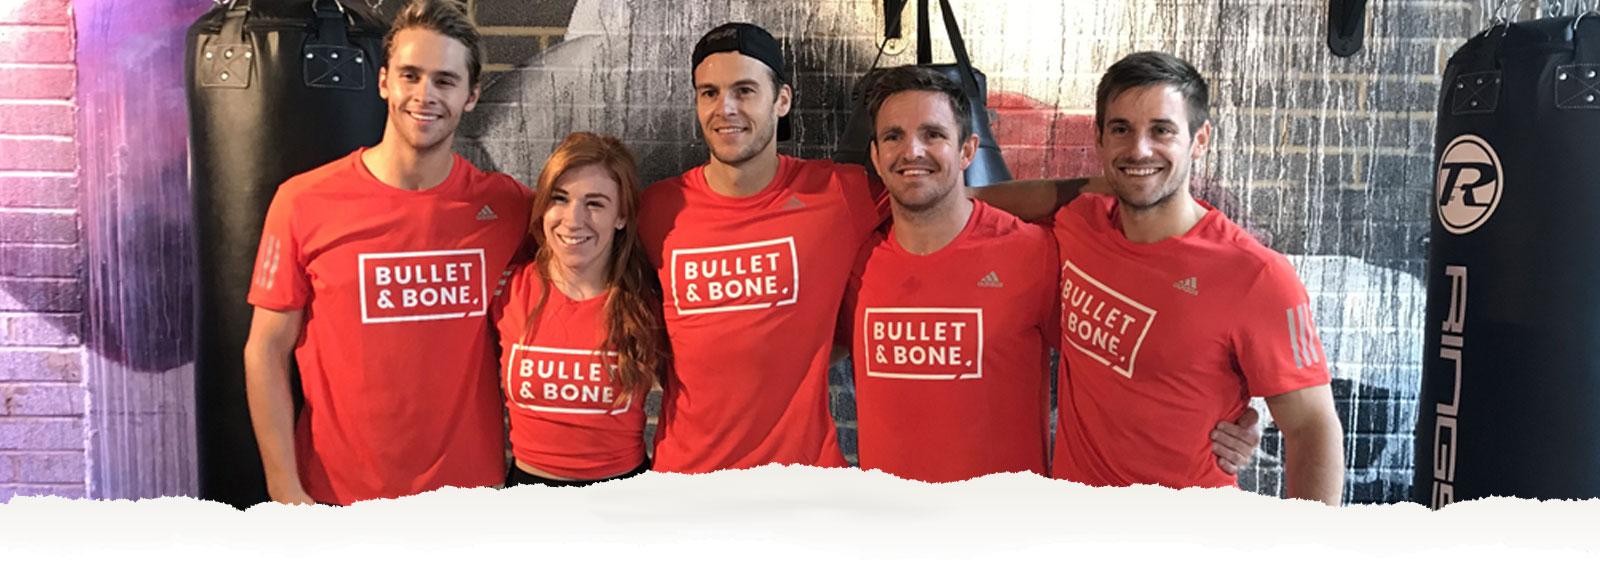 Bullet & Bone